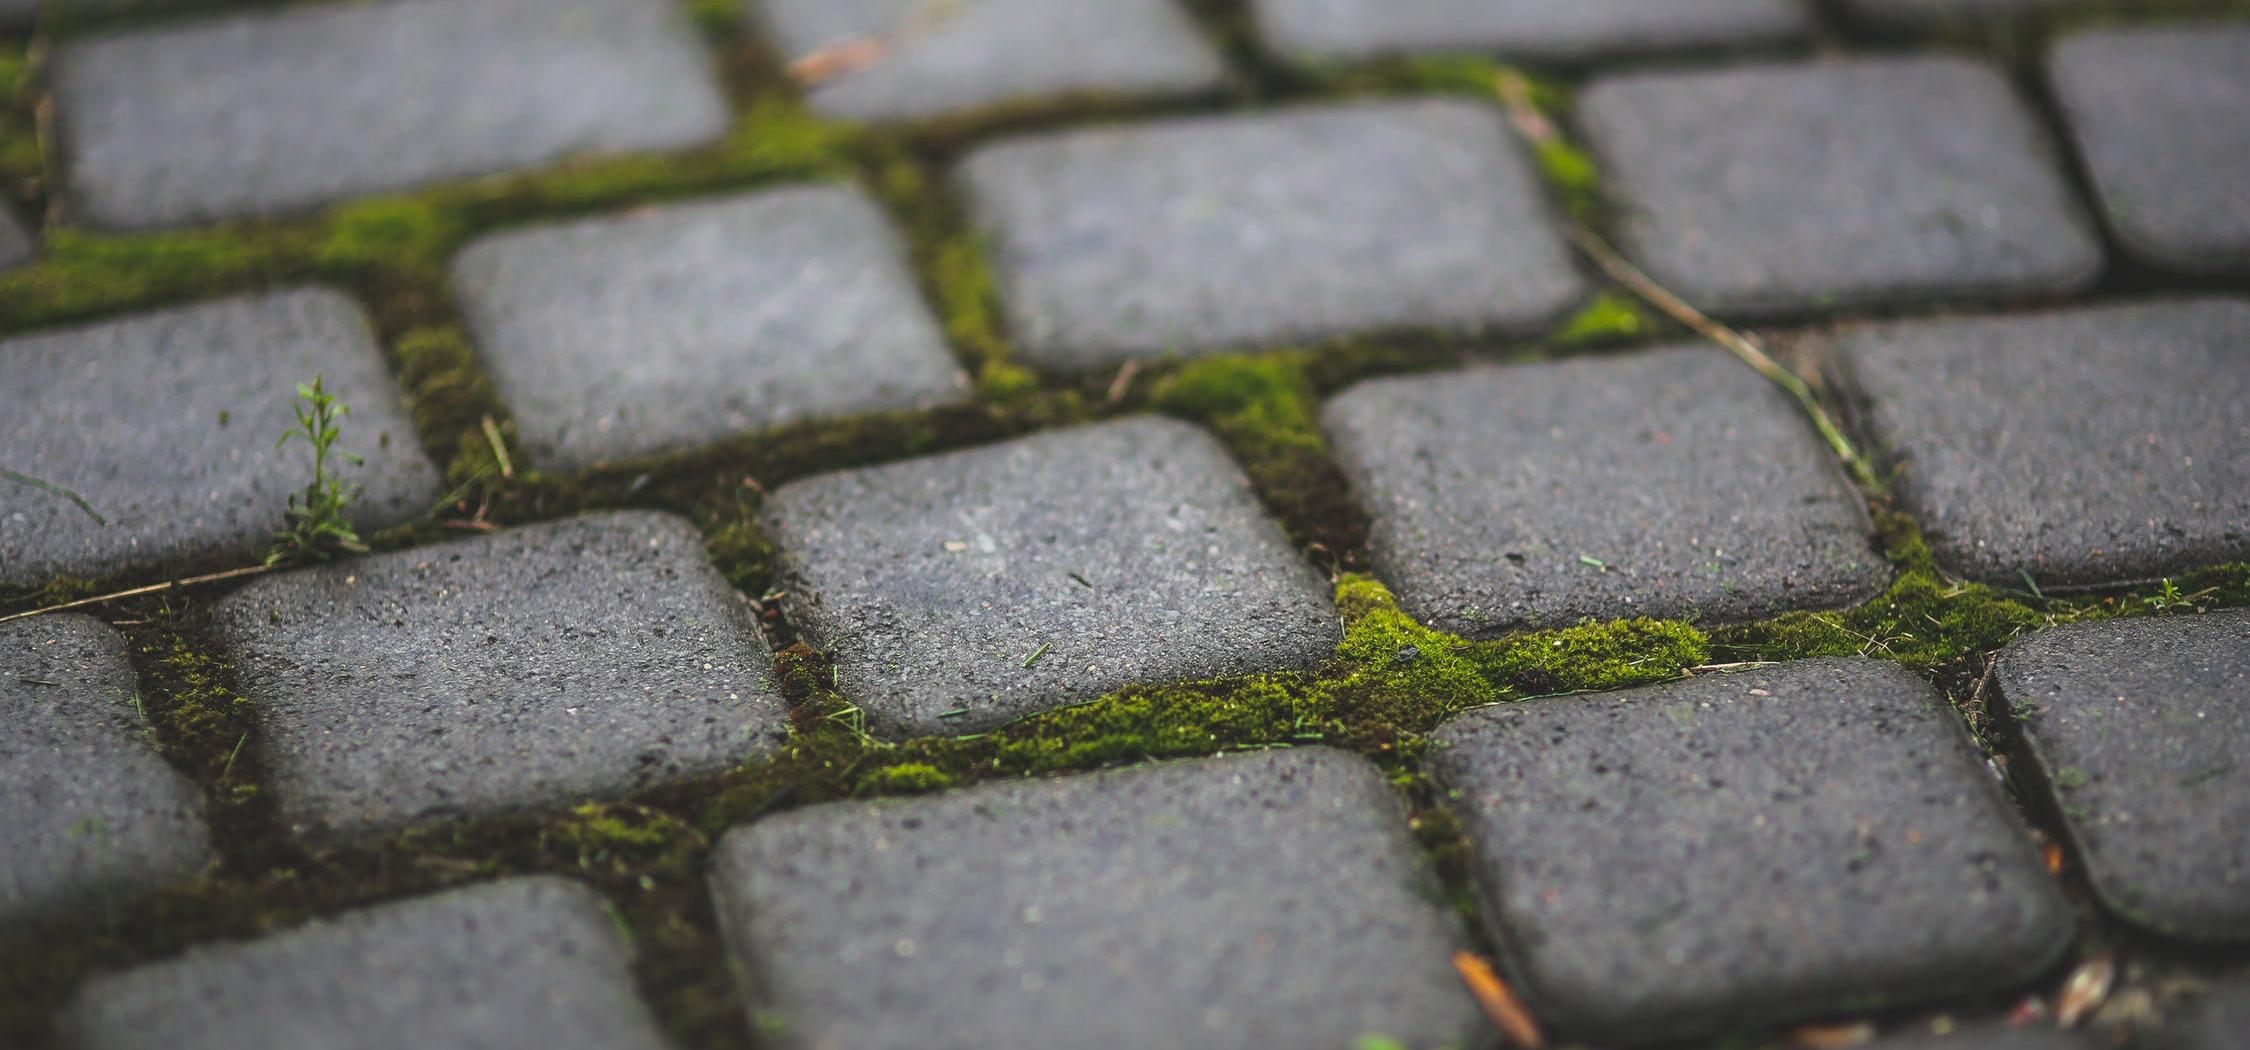 decorative-concrete-vs-pavers-pros-cons-7.jpg